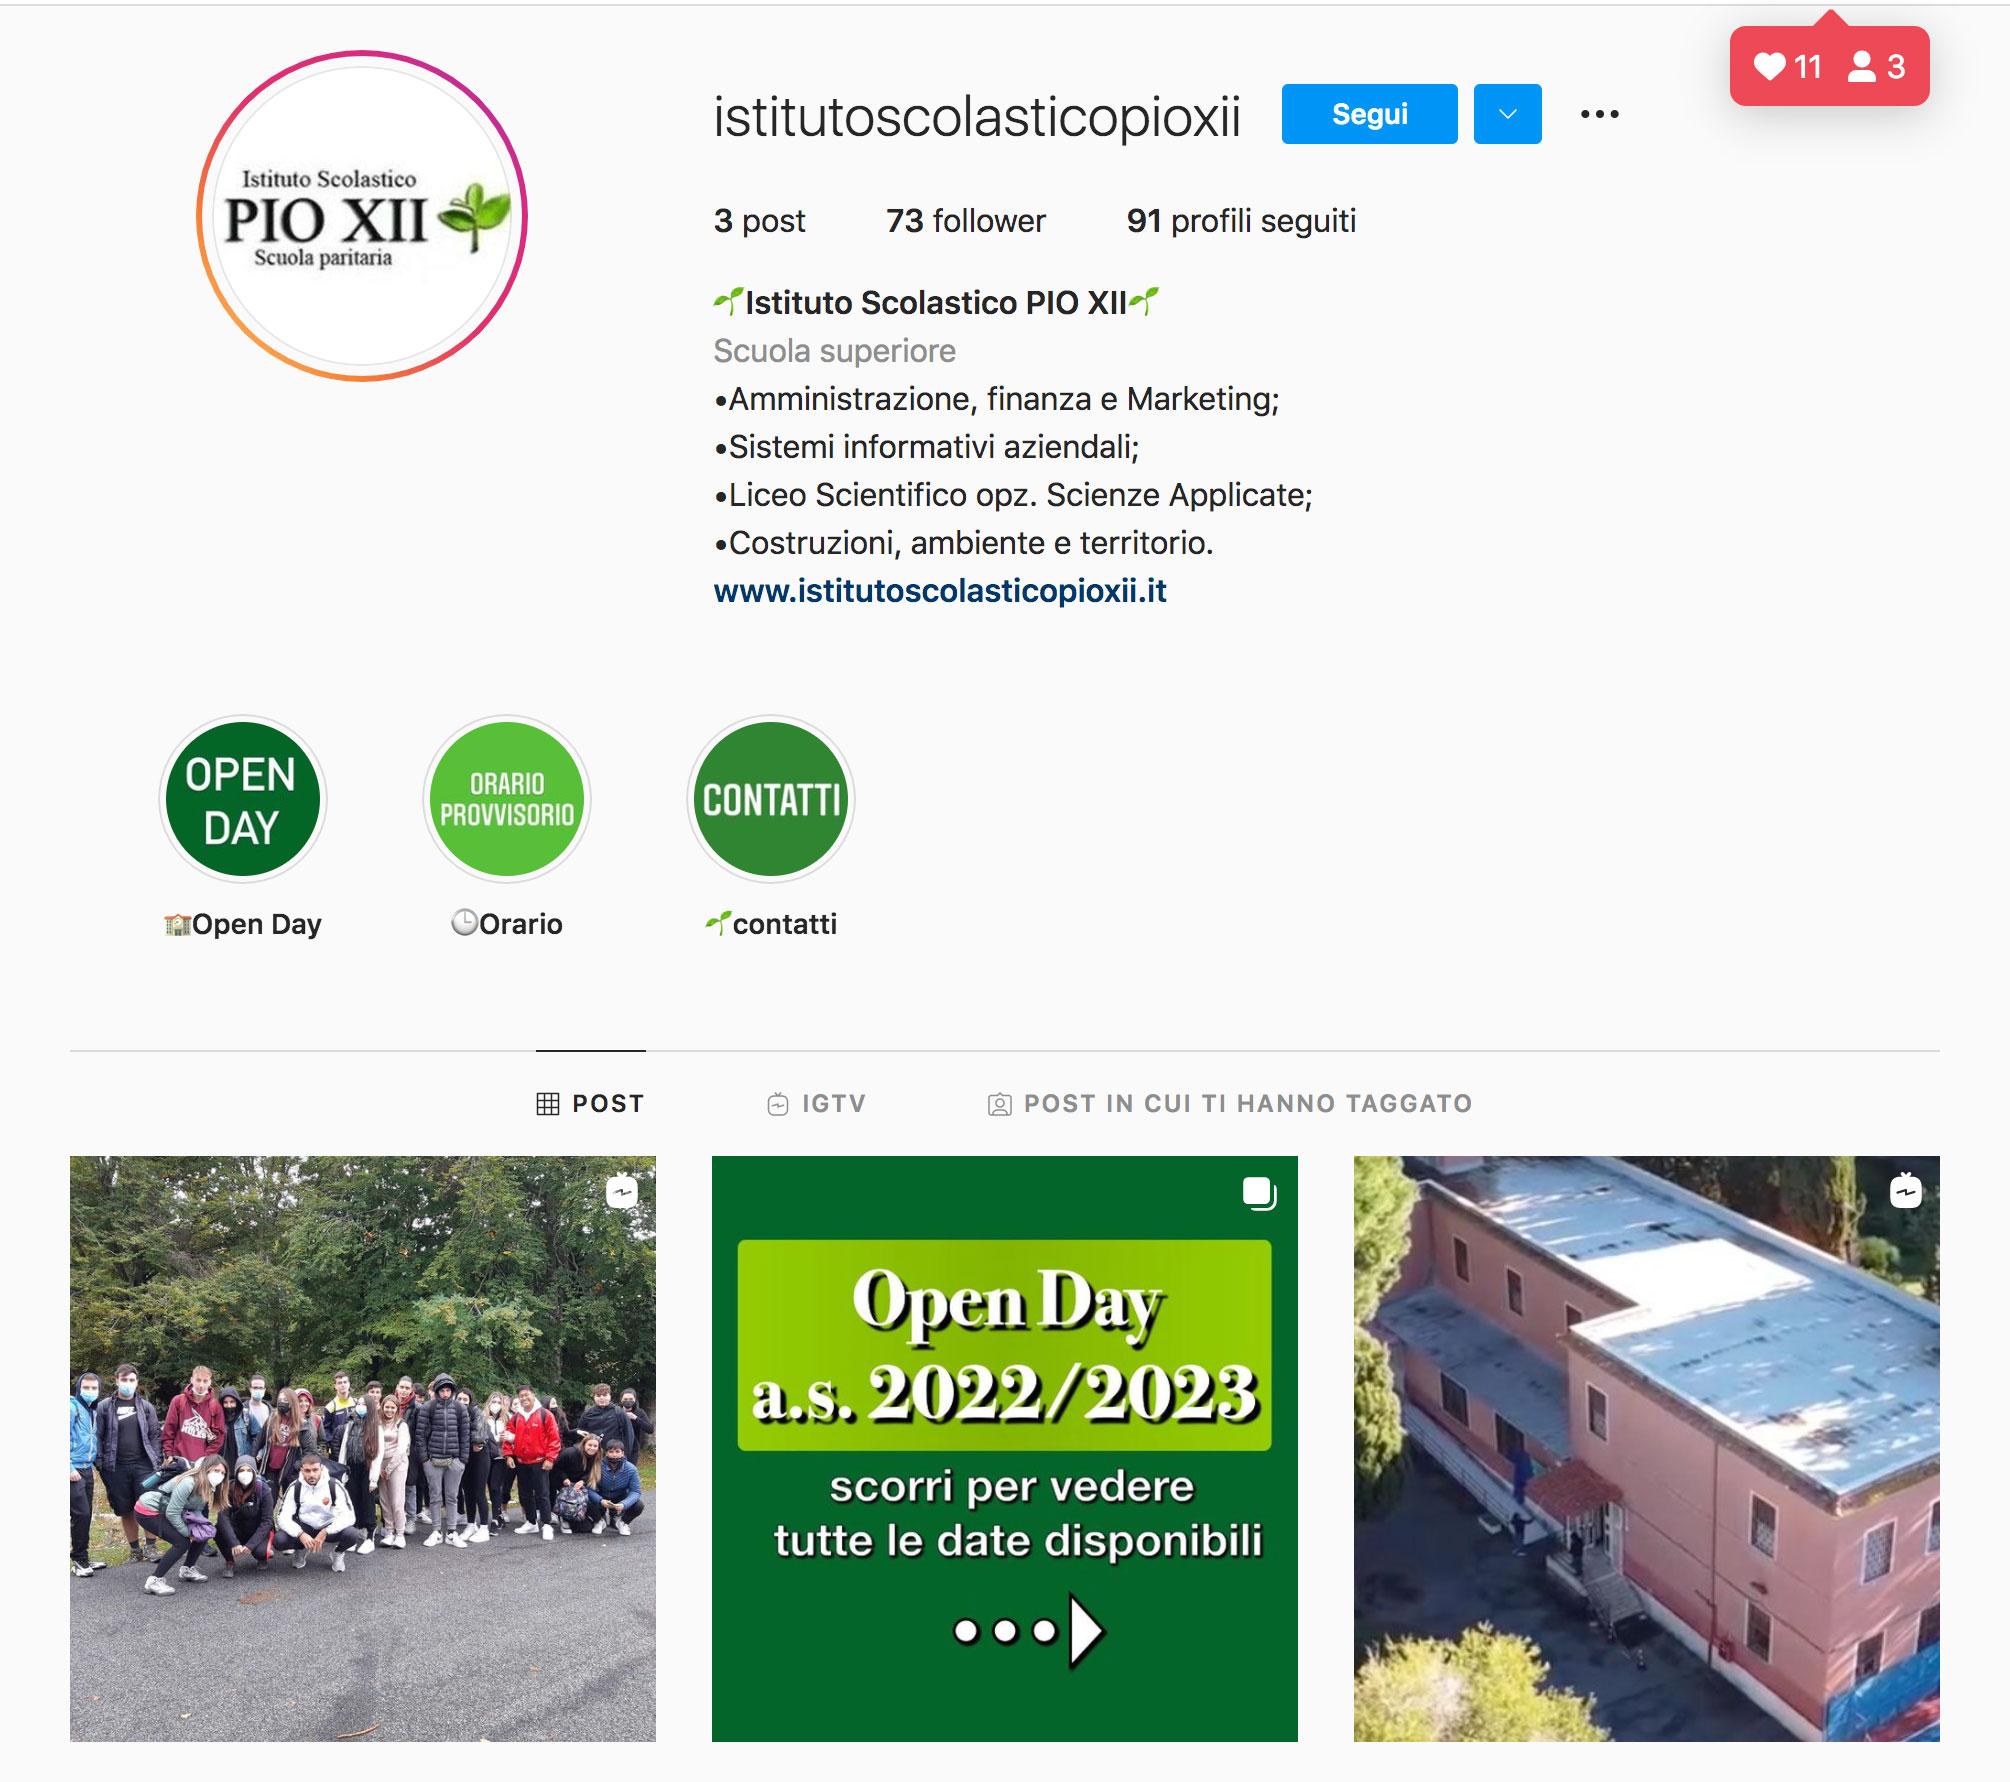 Il profilo Instagram dell'Istituto Scolastico PIO XII